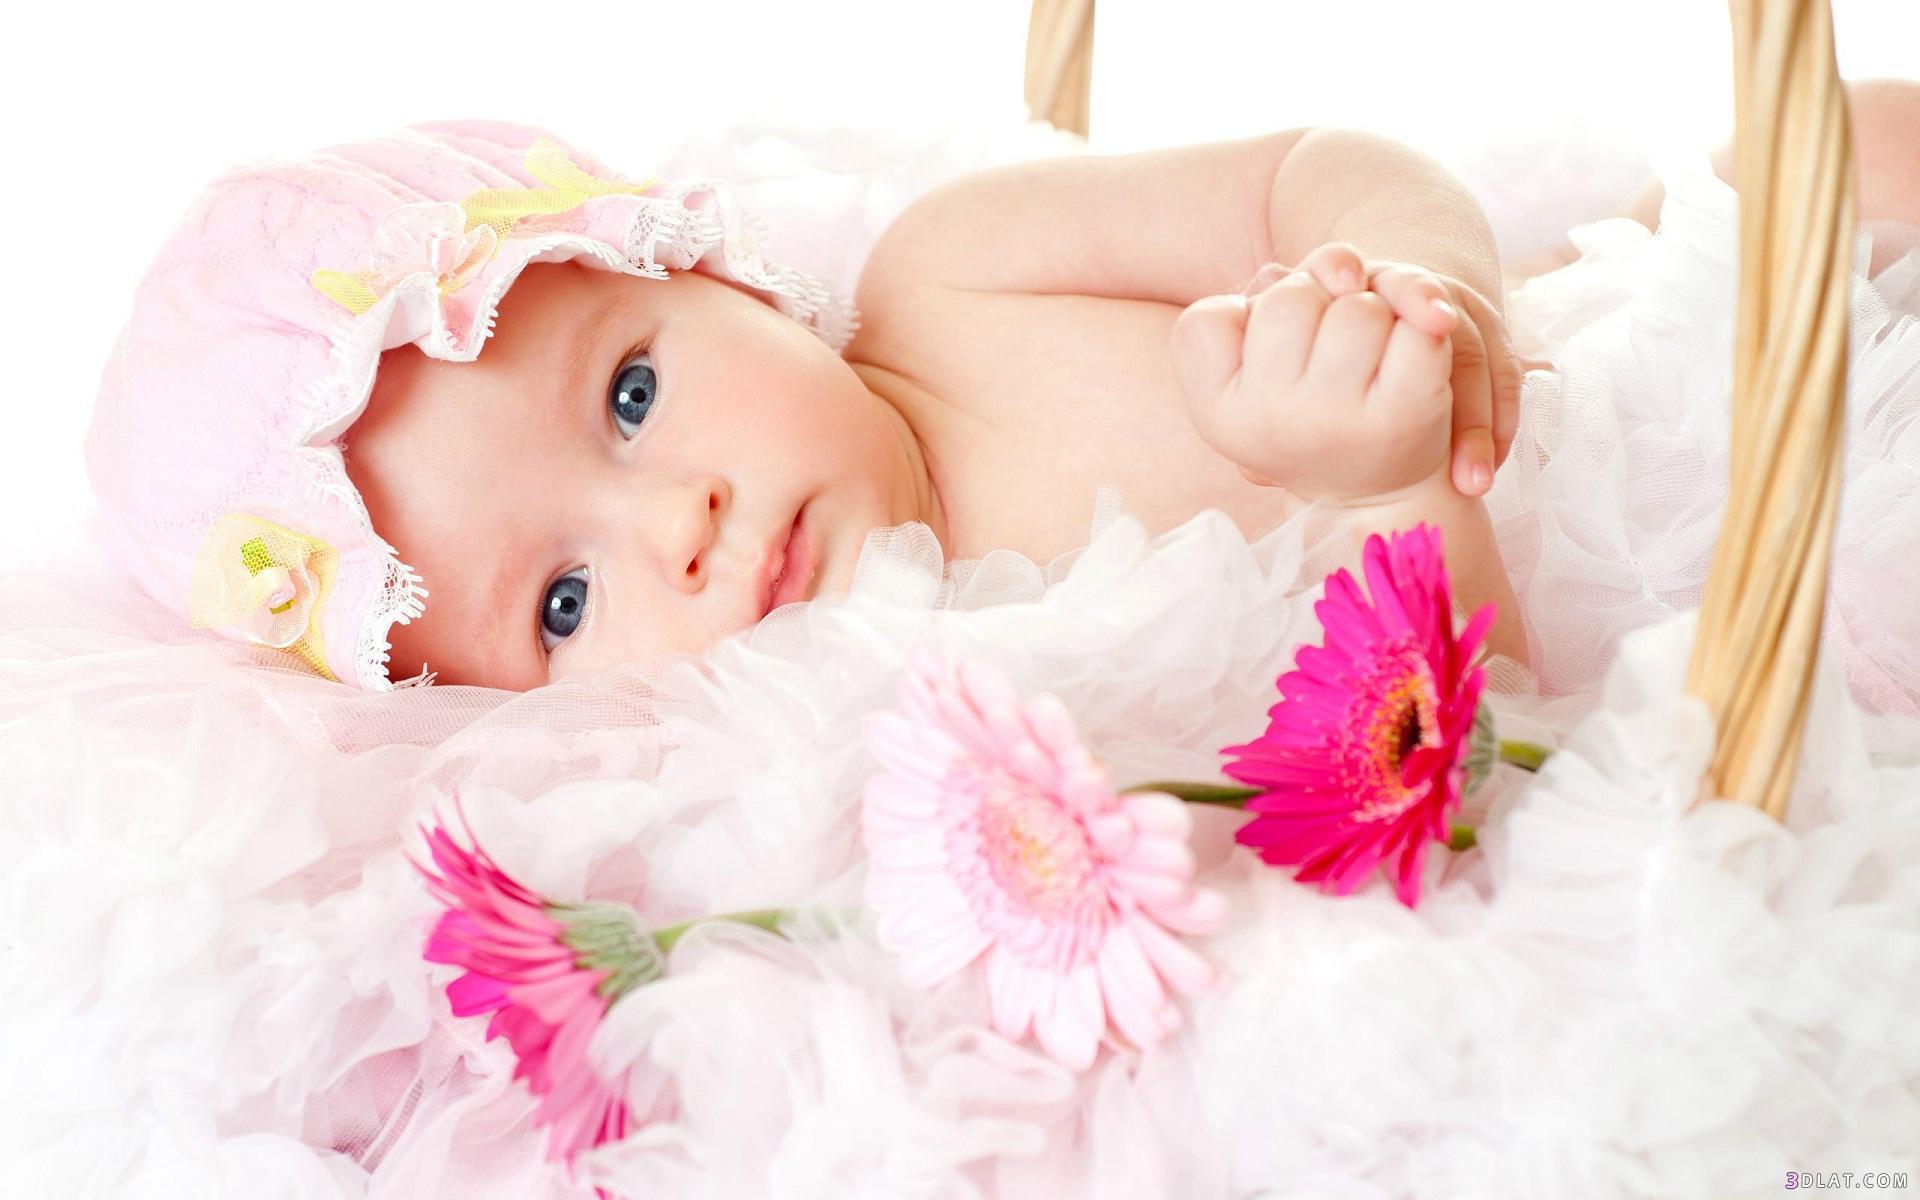 أطفال بيبي غاية الرقة والجمال 2019 3dlat.com_04_18_dc22